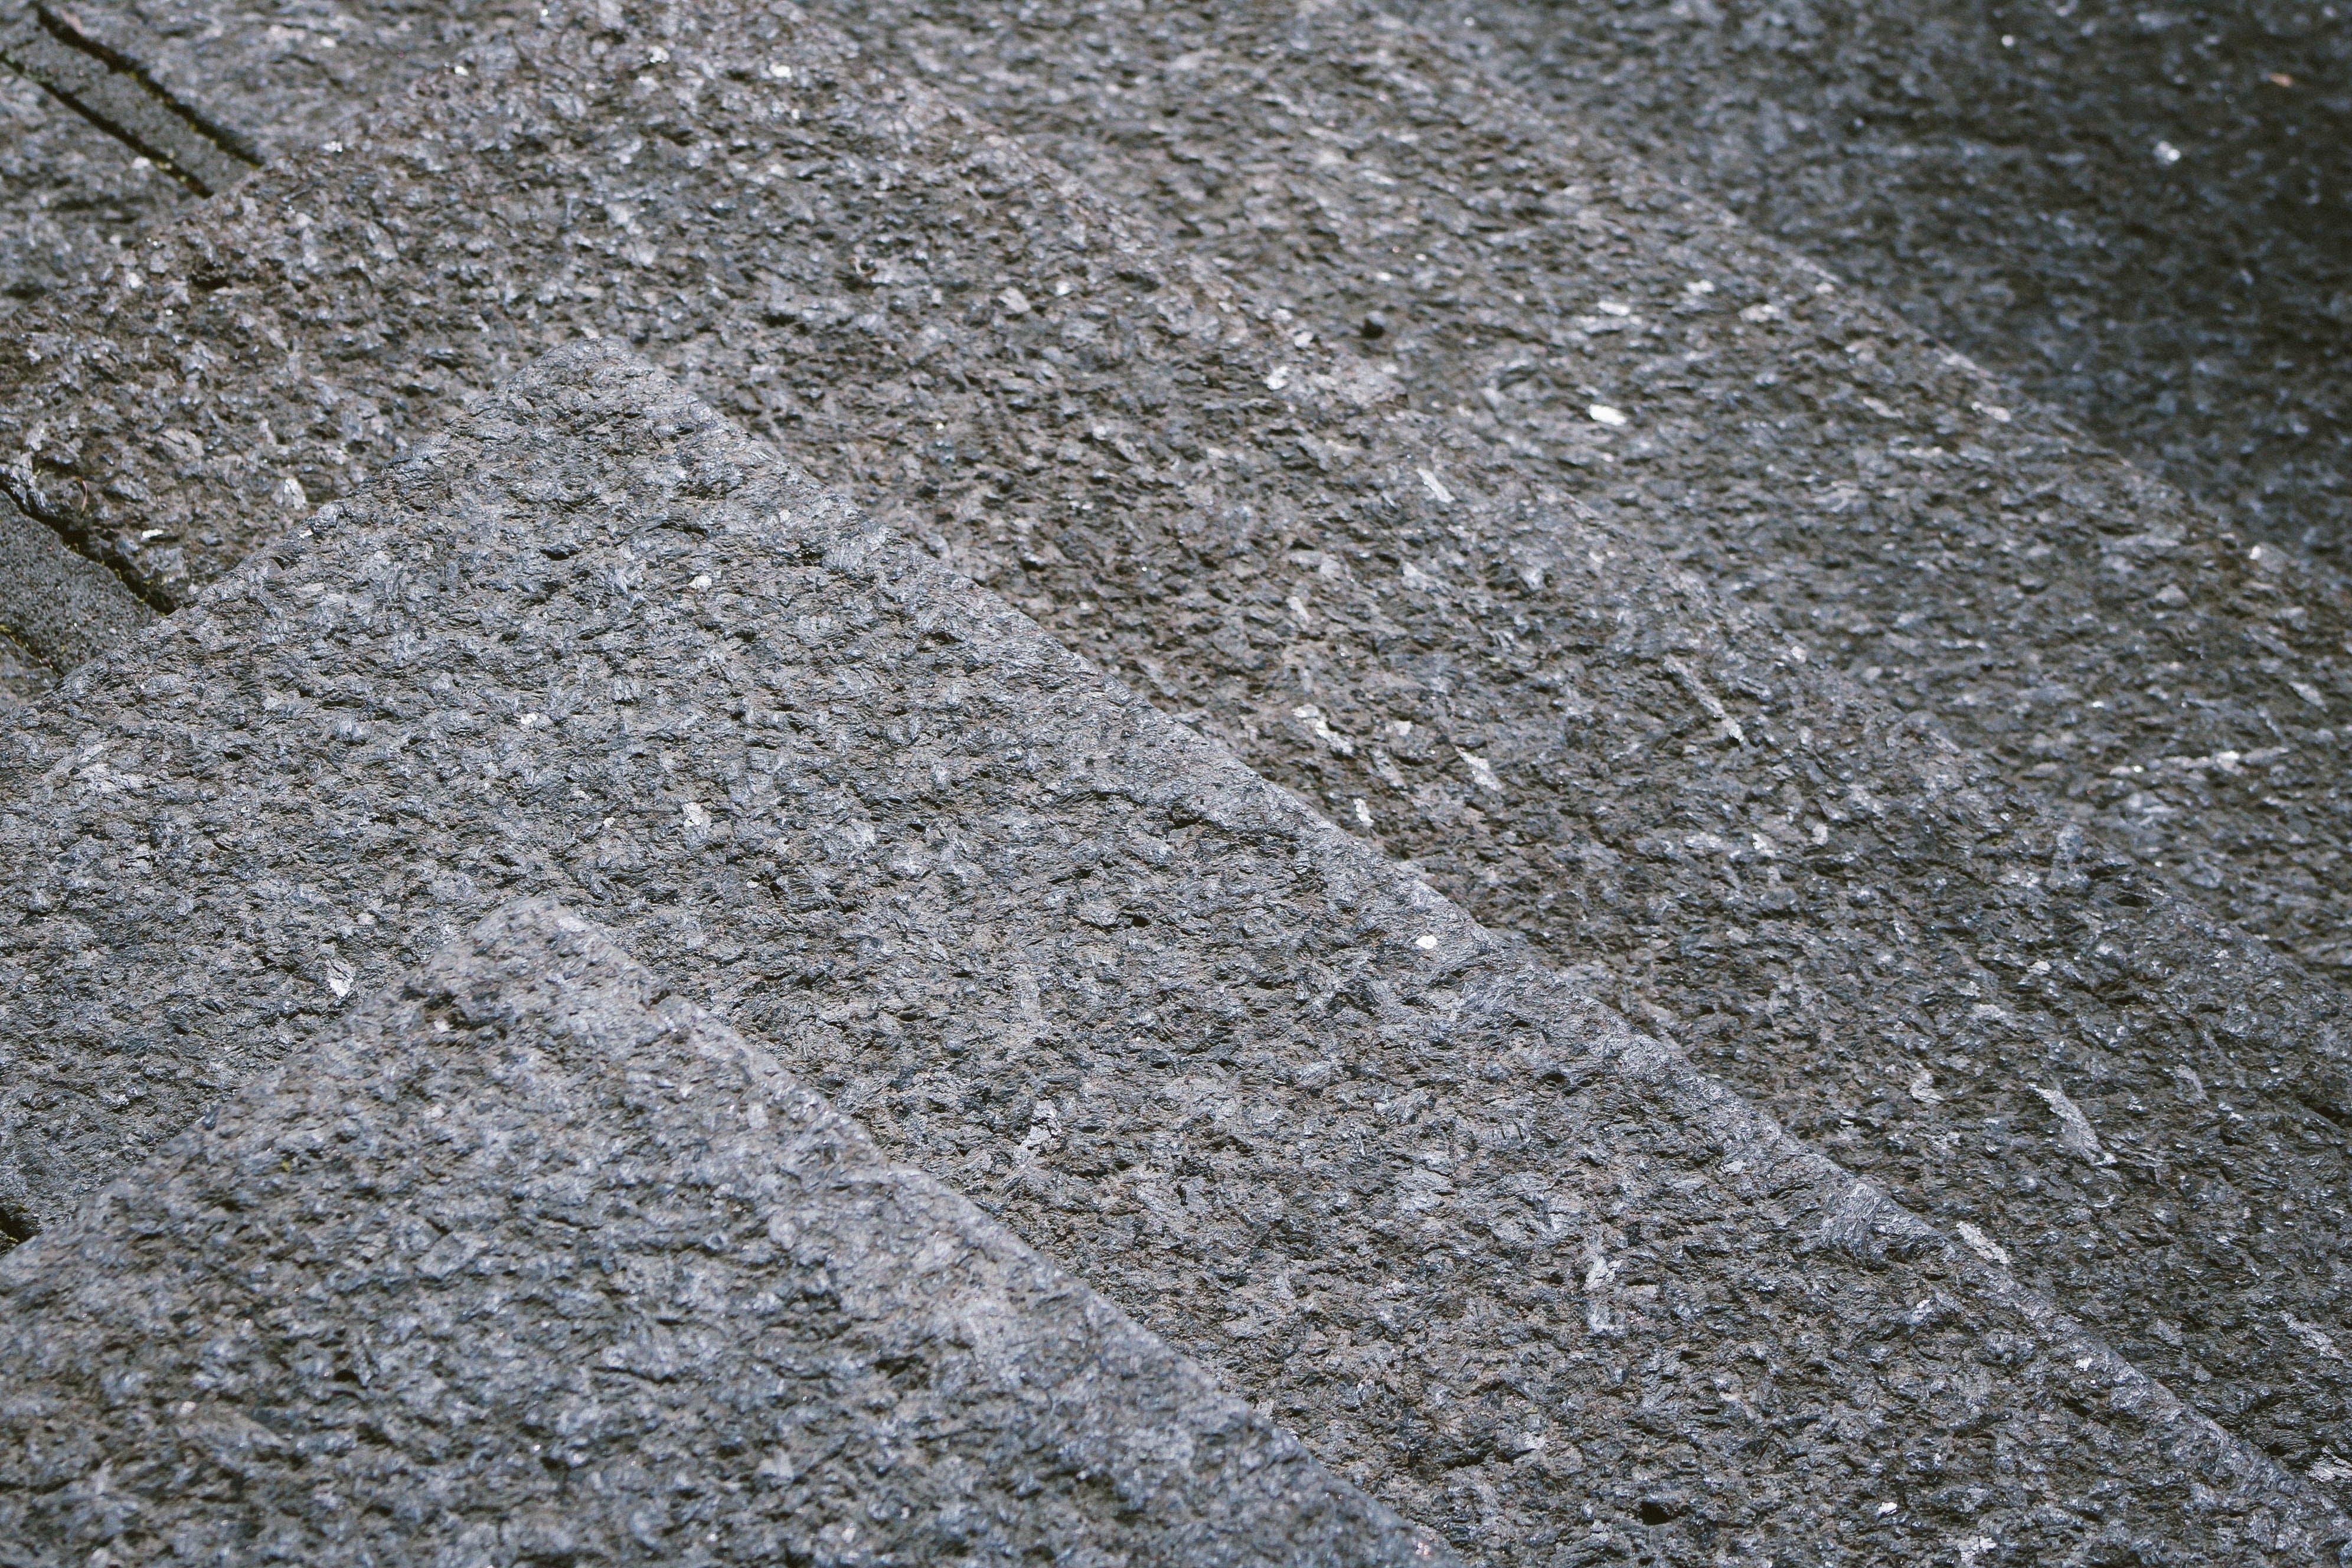 城市紋理, 最小, 灰色混凝土, 石 的 免費圖庫相片